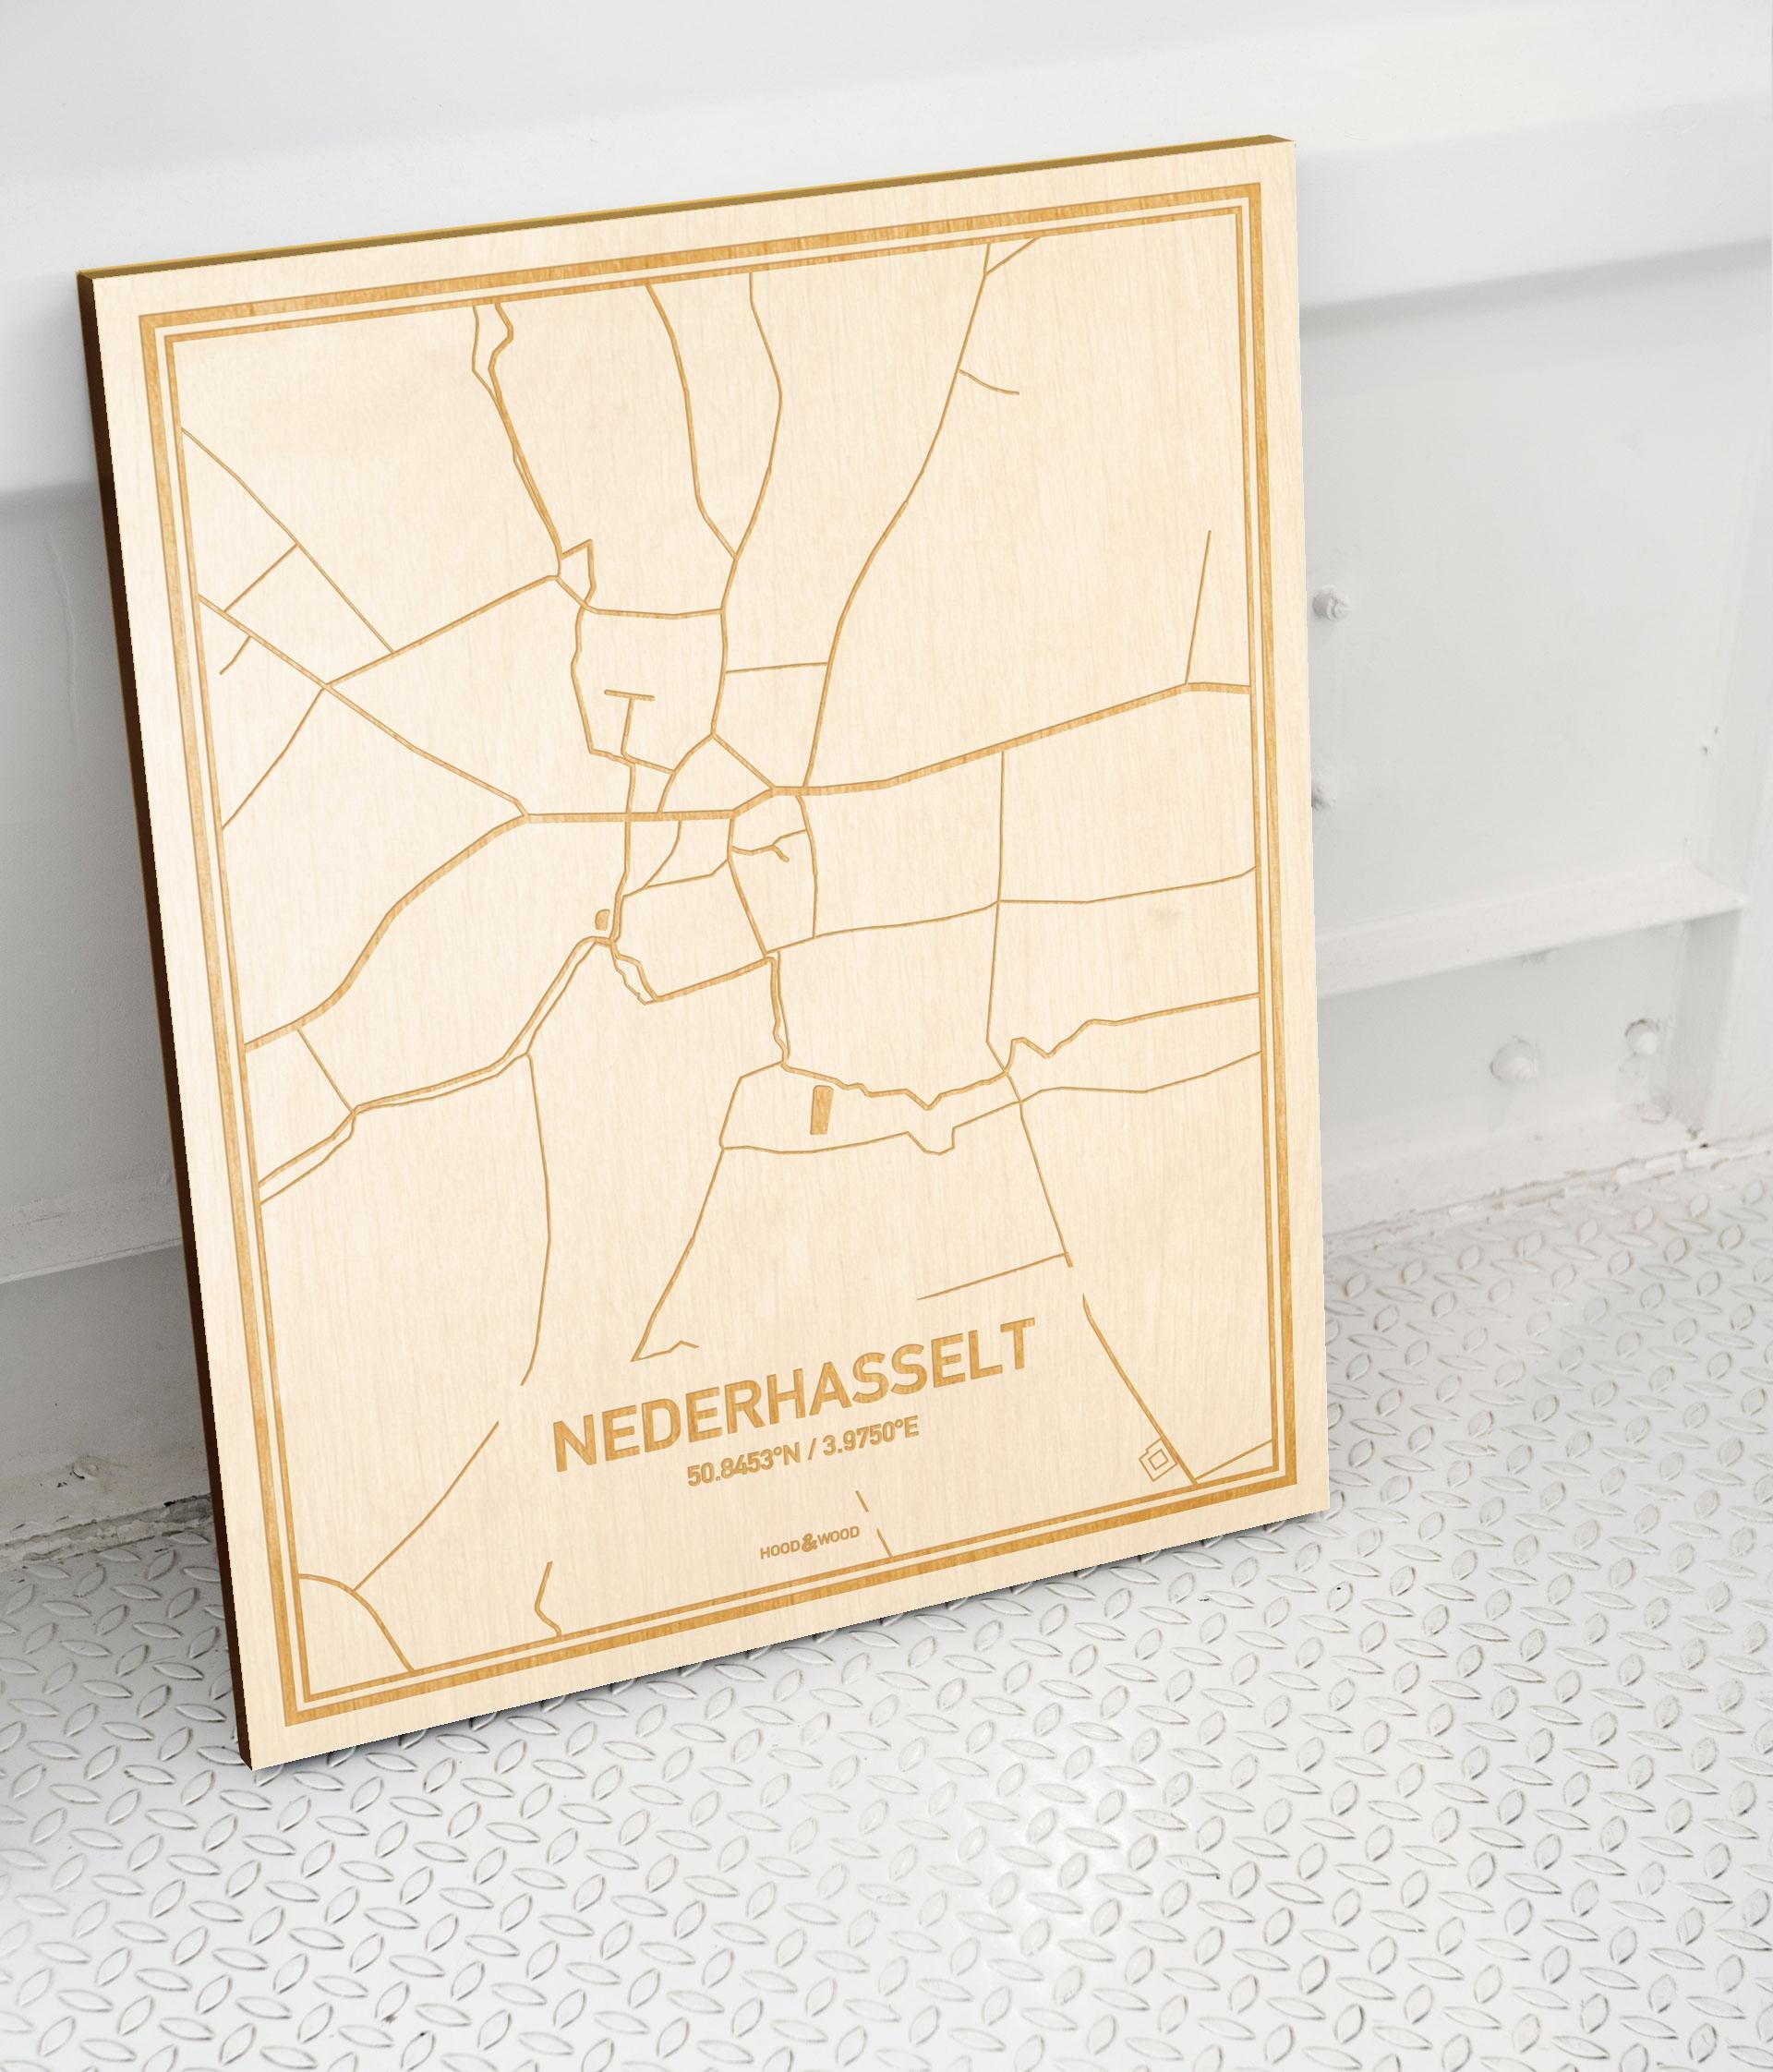 Plattegrond Nederhasselt als prachtige houten wanddecoratie. Het warme hout contrasteert mooi met de witte muur.